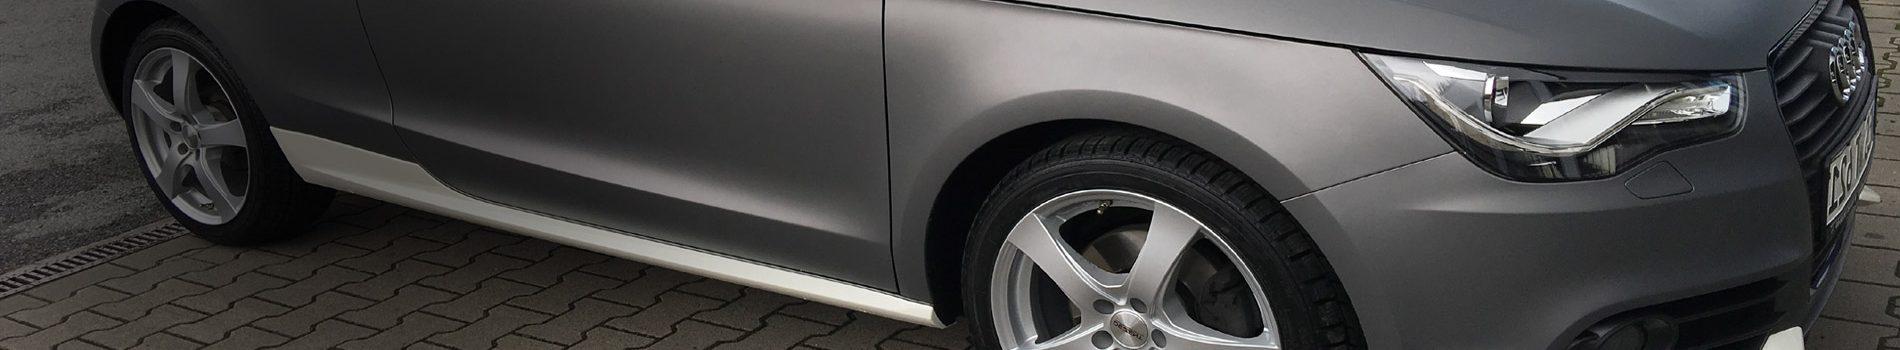 Fahrzeuglackierung Triptrap, Wesel, Wulfen, Schermbeck - Matt- und Effektlackierungen